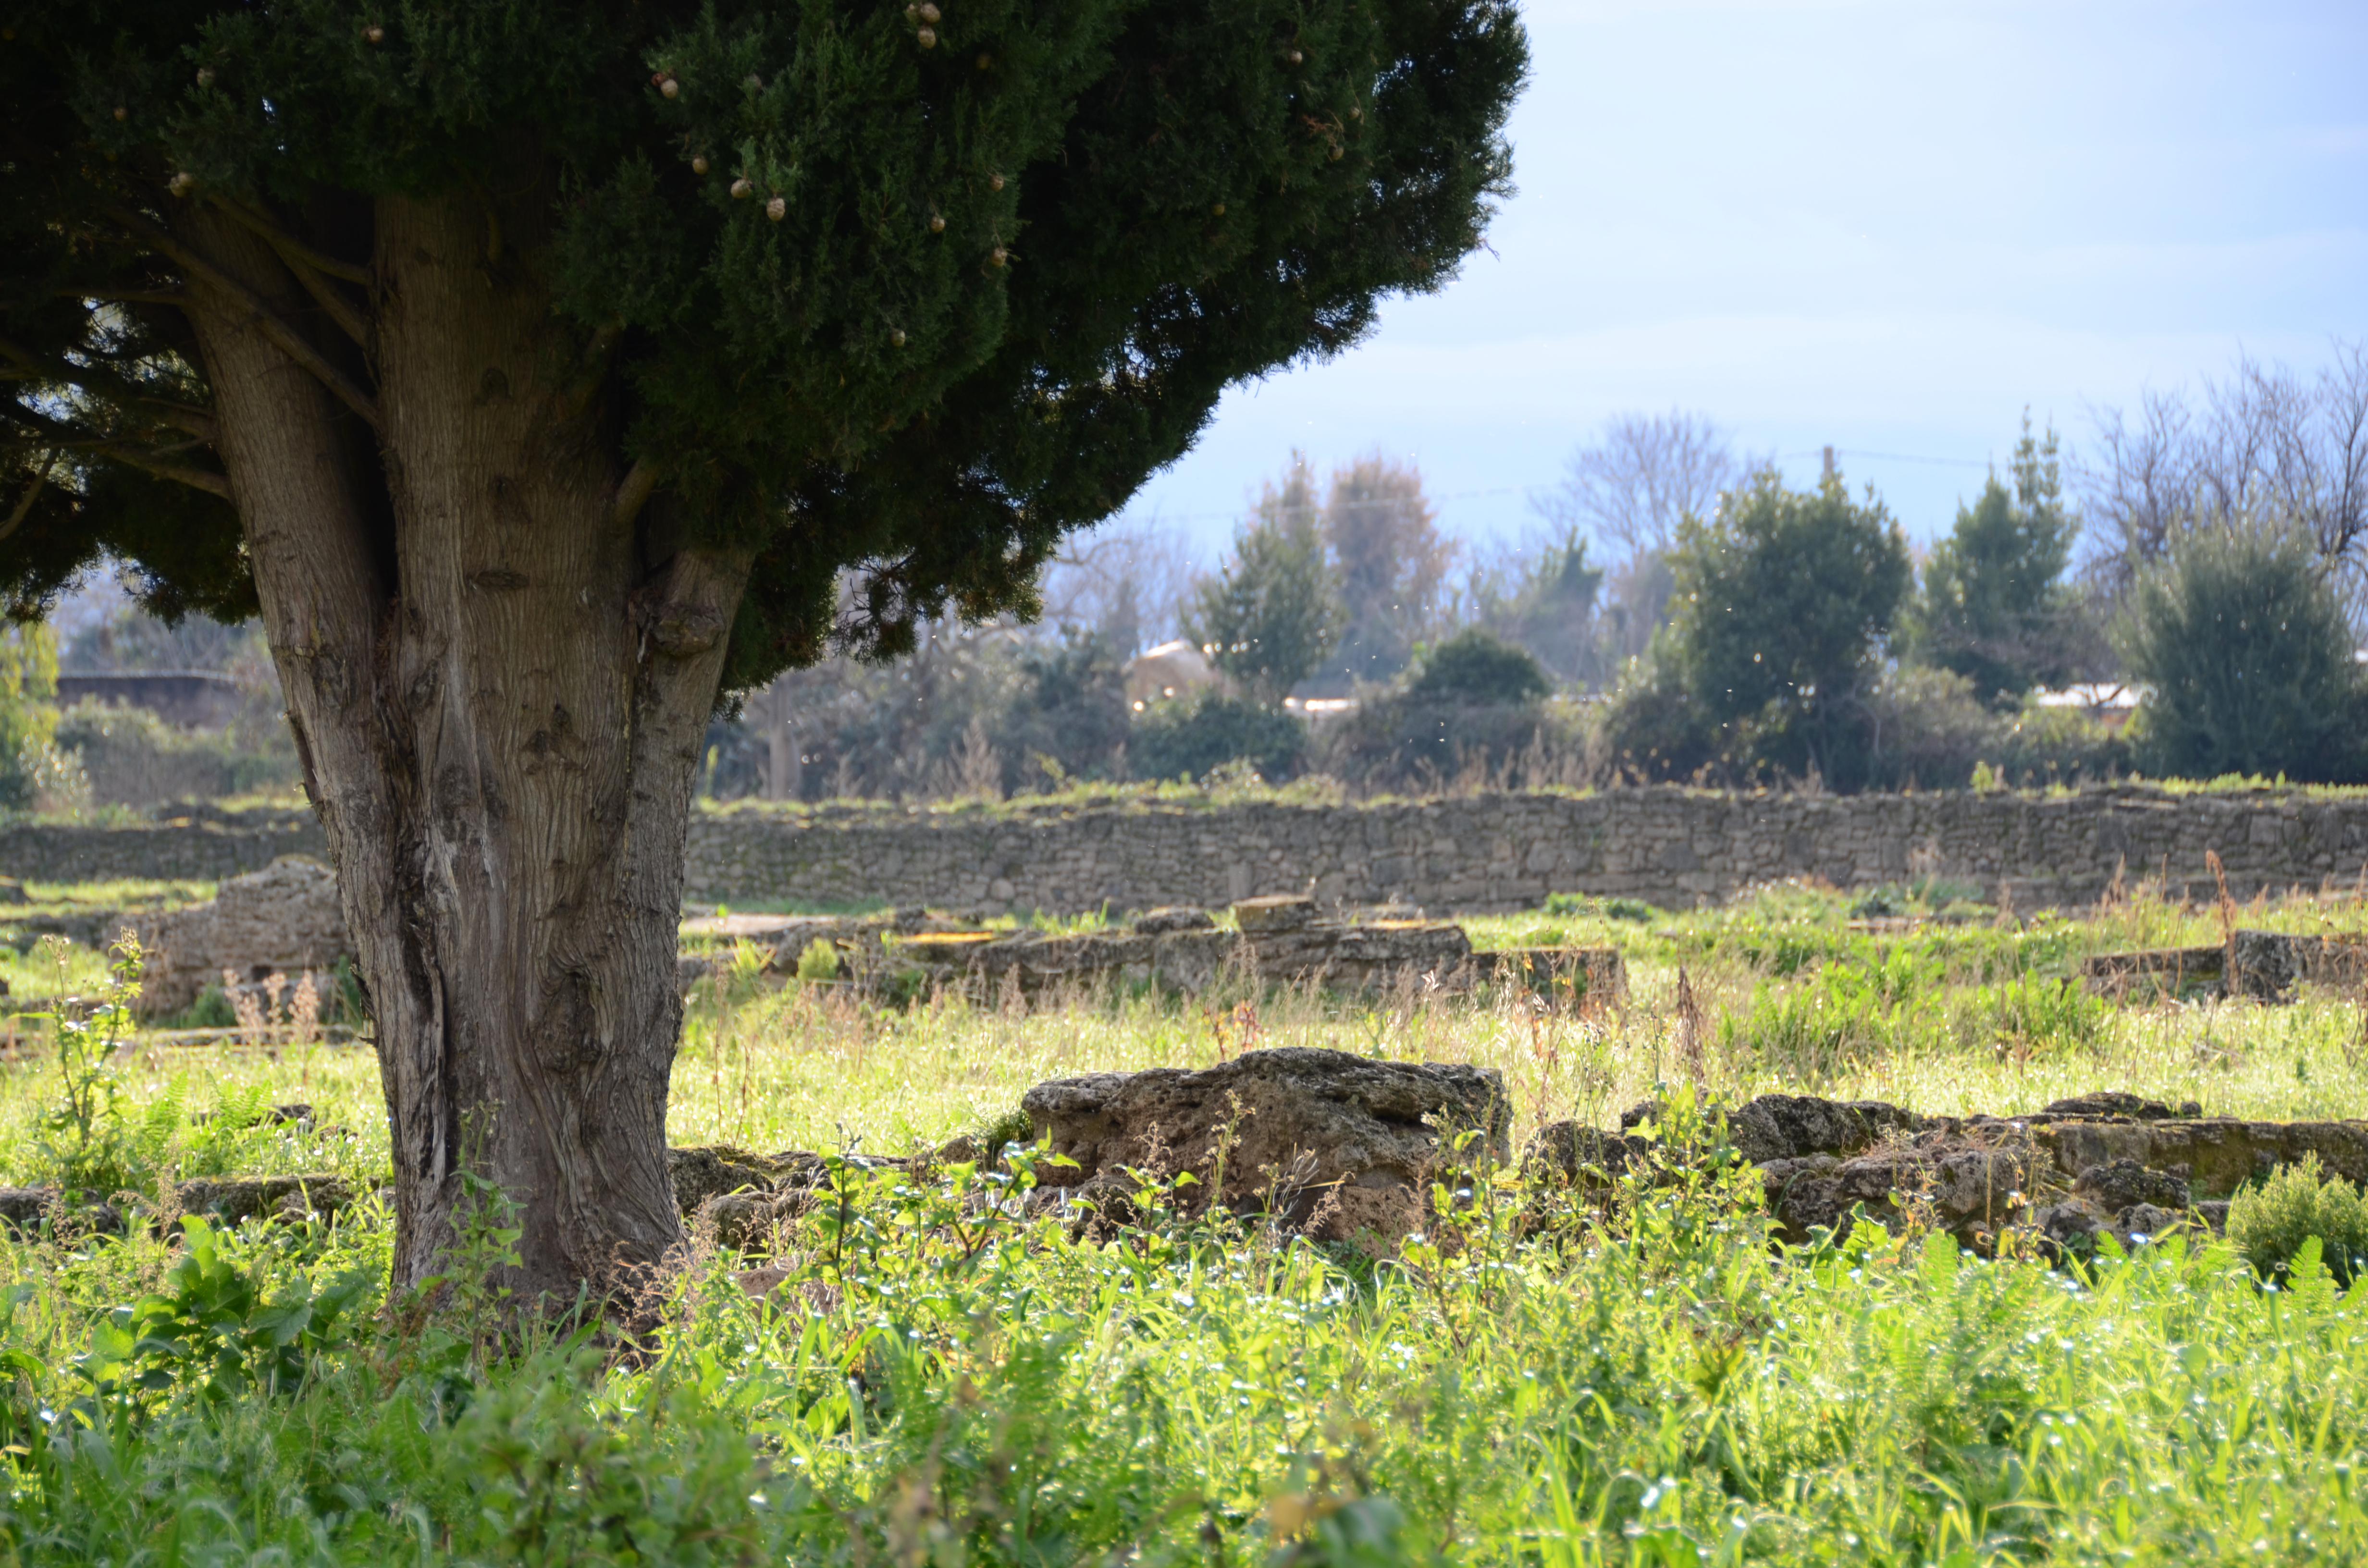 ina assitalia salerno italy - photo#26